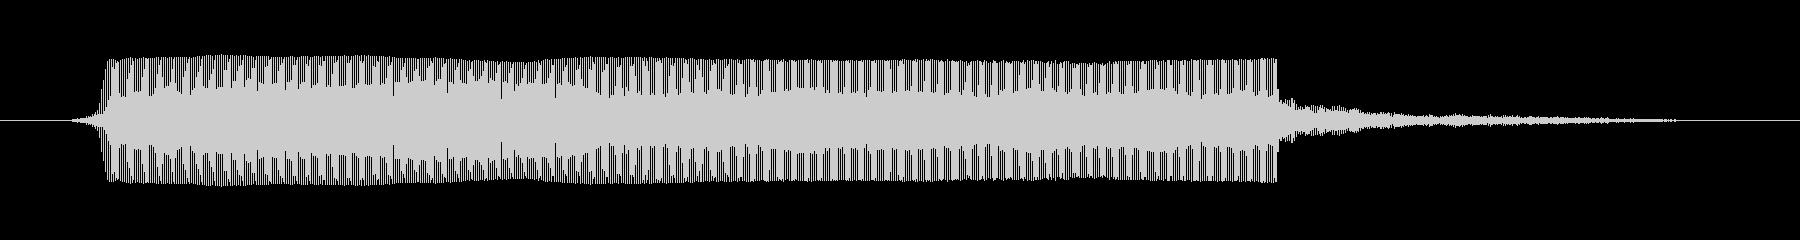 SHIPS HORN、1 LONG...の未再生の波形